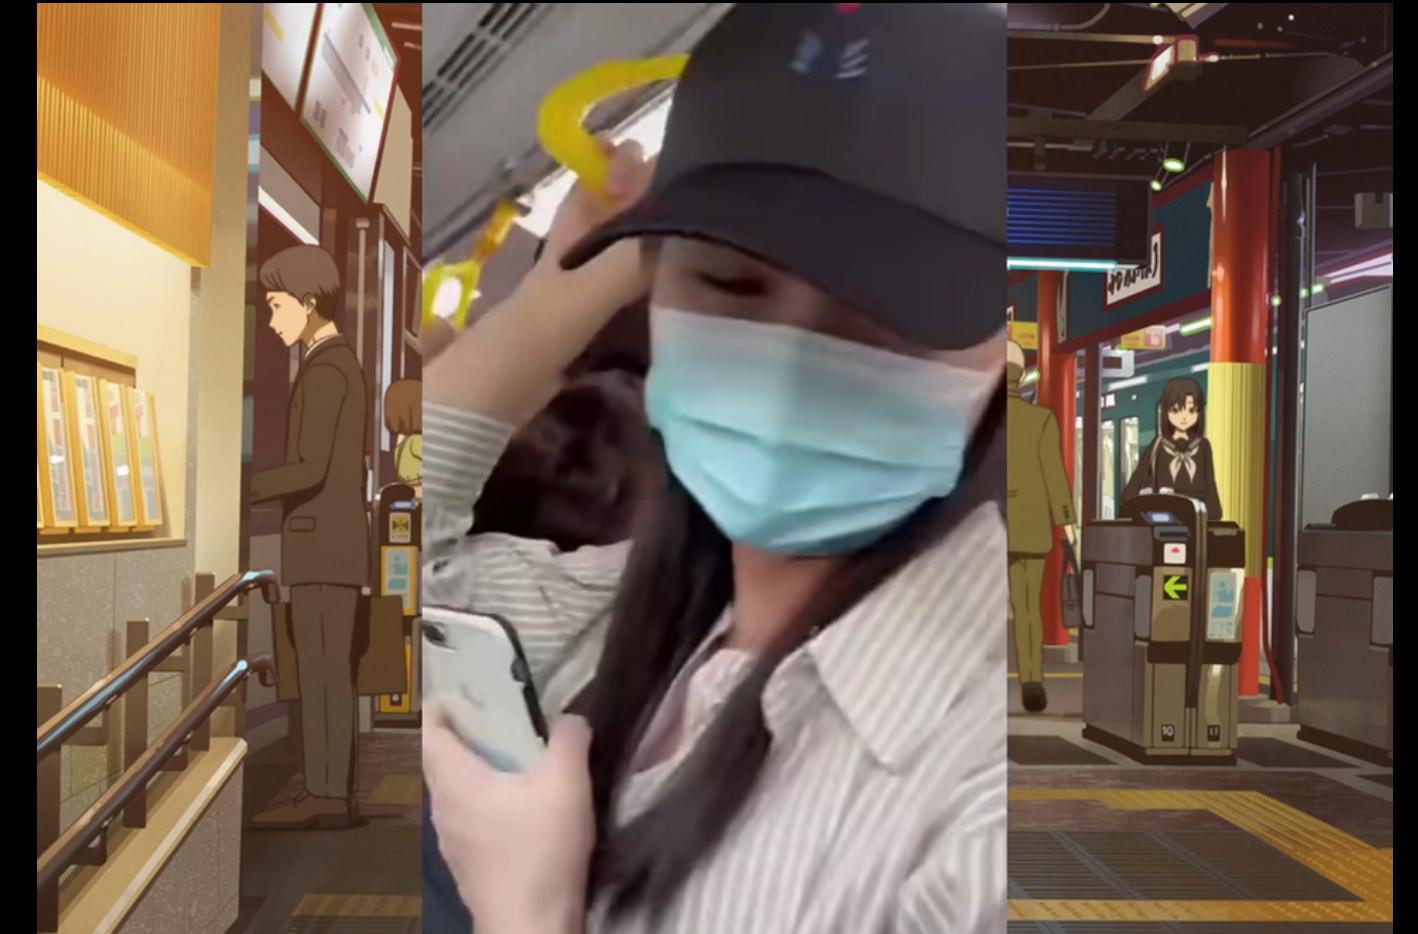 北京地铁三男一女大乱斗,警方通告-福利巴士